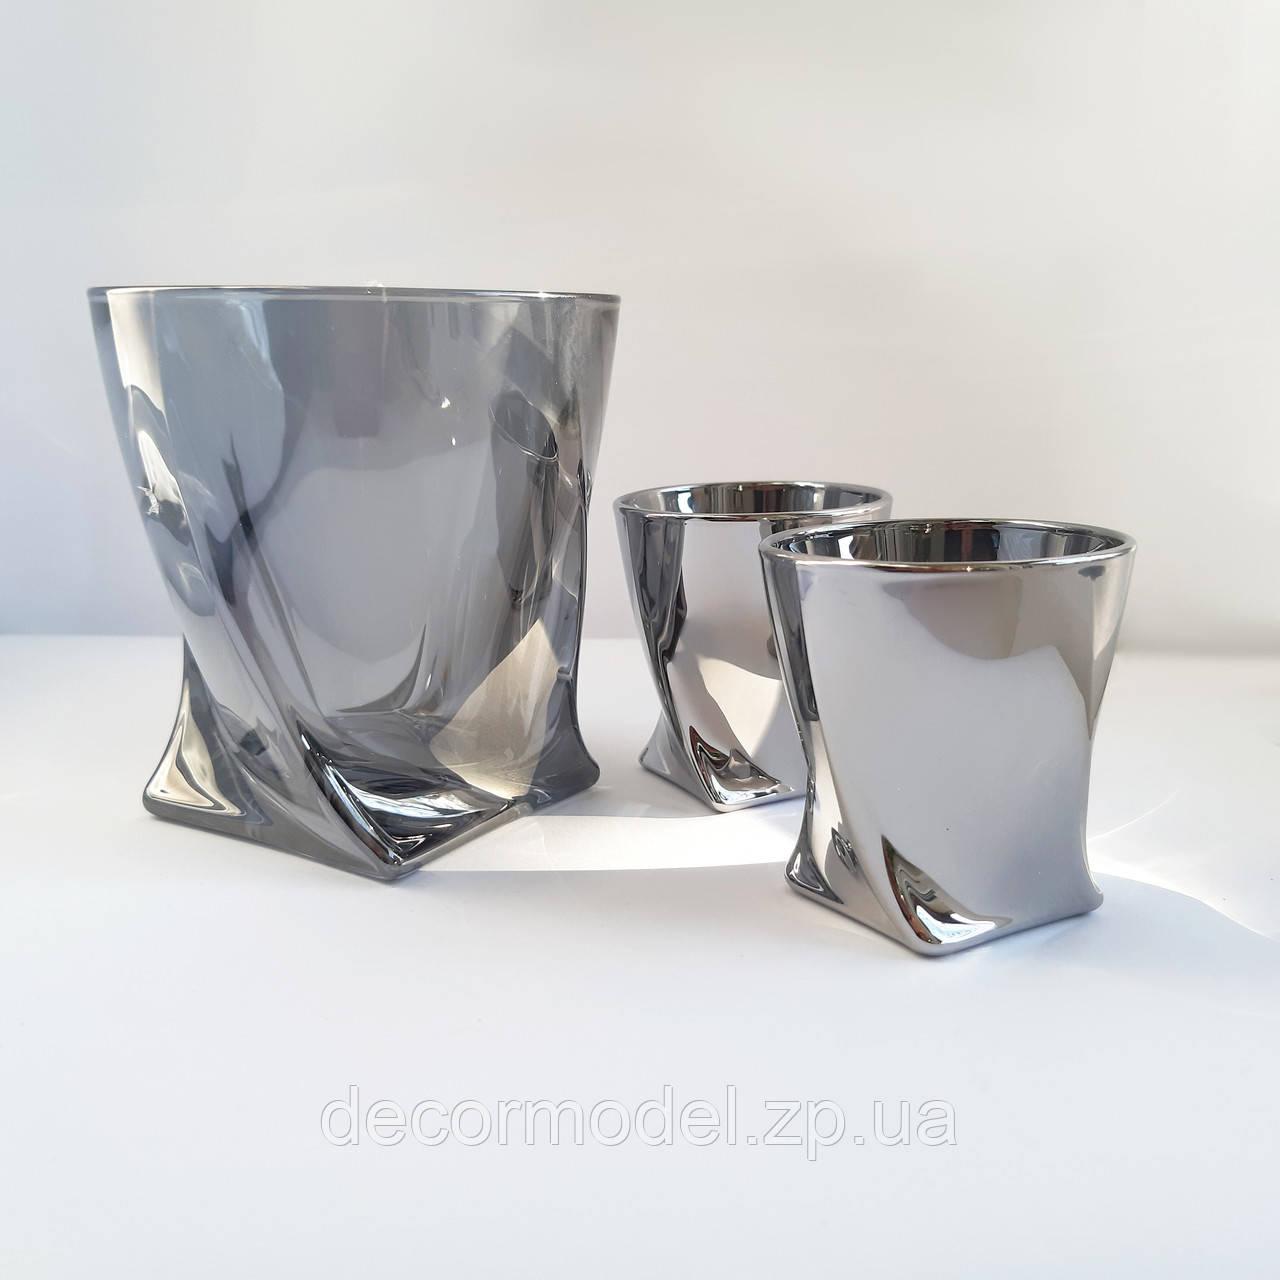 Набор стаканов Bohemia Quadro 2 шт 340 мл 2K936/99A44/340/2 графит